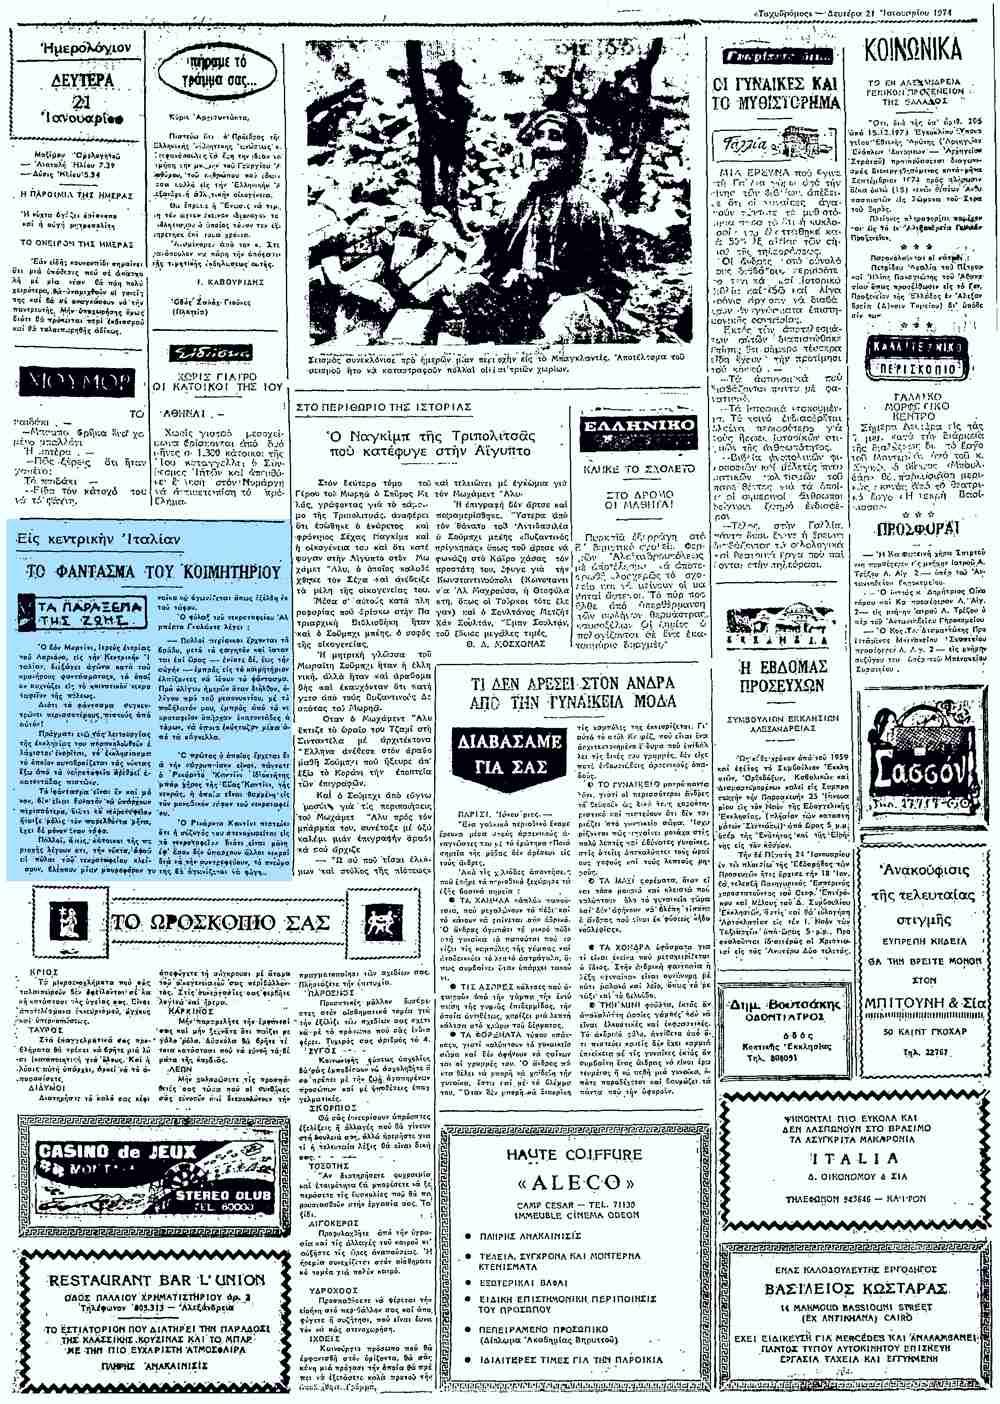 """Το άρθρο, όπως δημοσιεύθηκε στην εφημερίδα """"ΤΑΧΥΔΡΟΜΟΣ"""", στις 21/01/1974"""